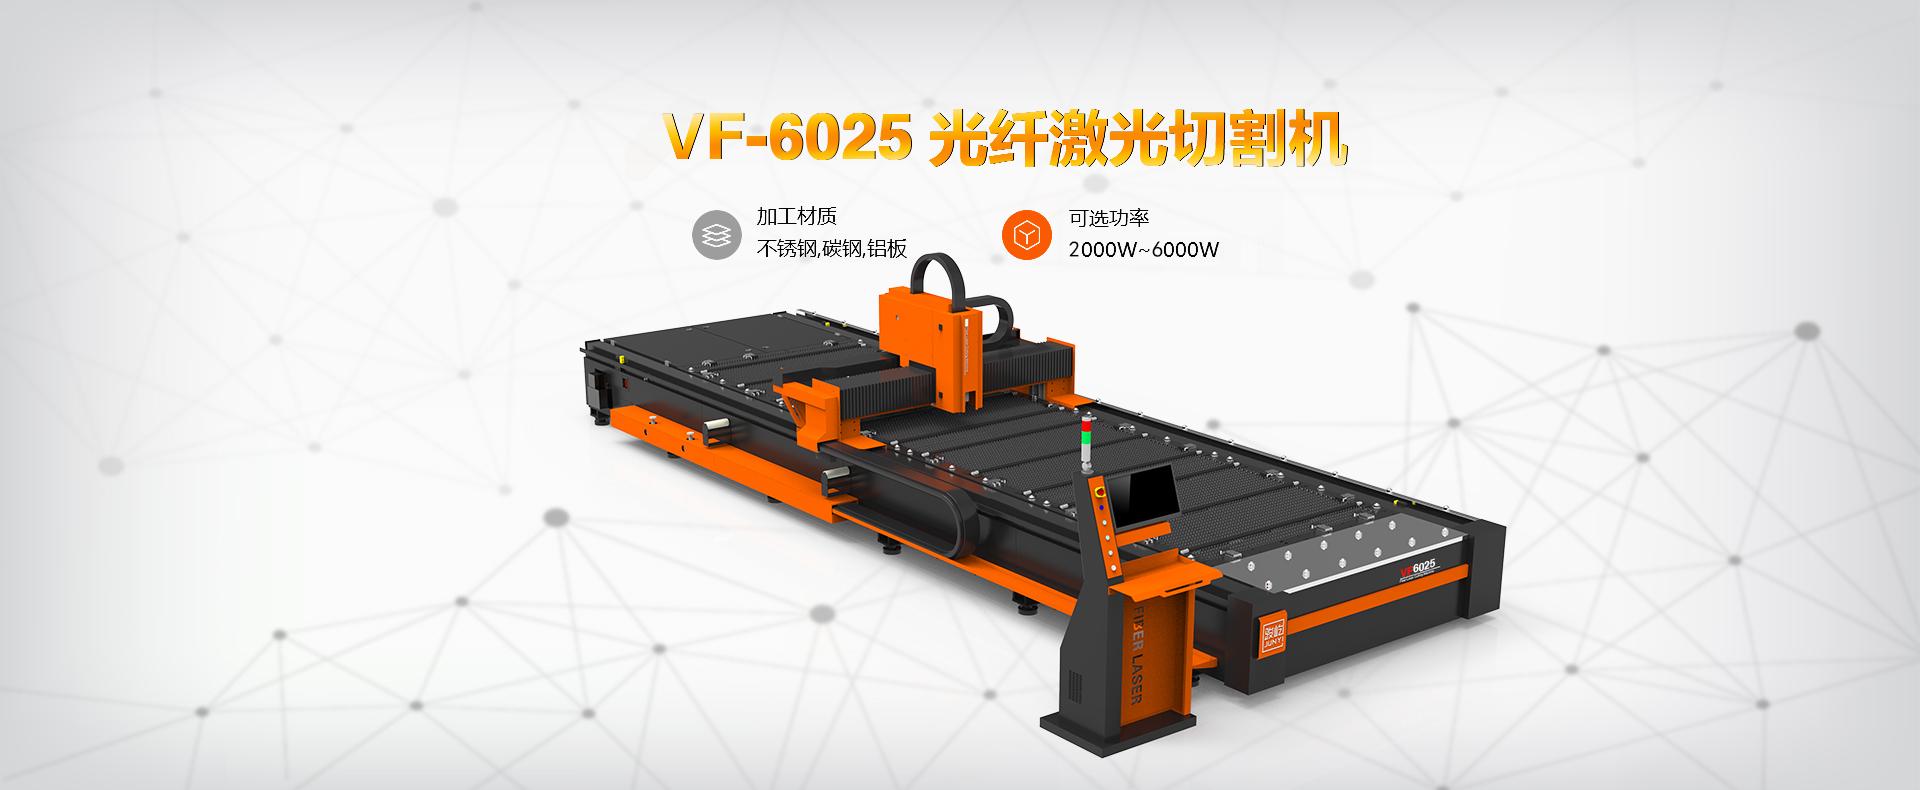 VF-6025光纤金属激光切割机